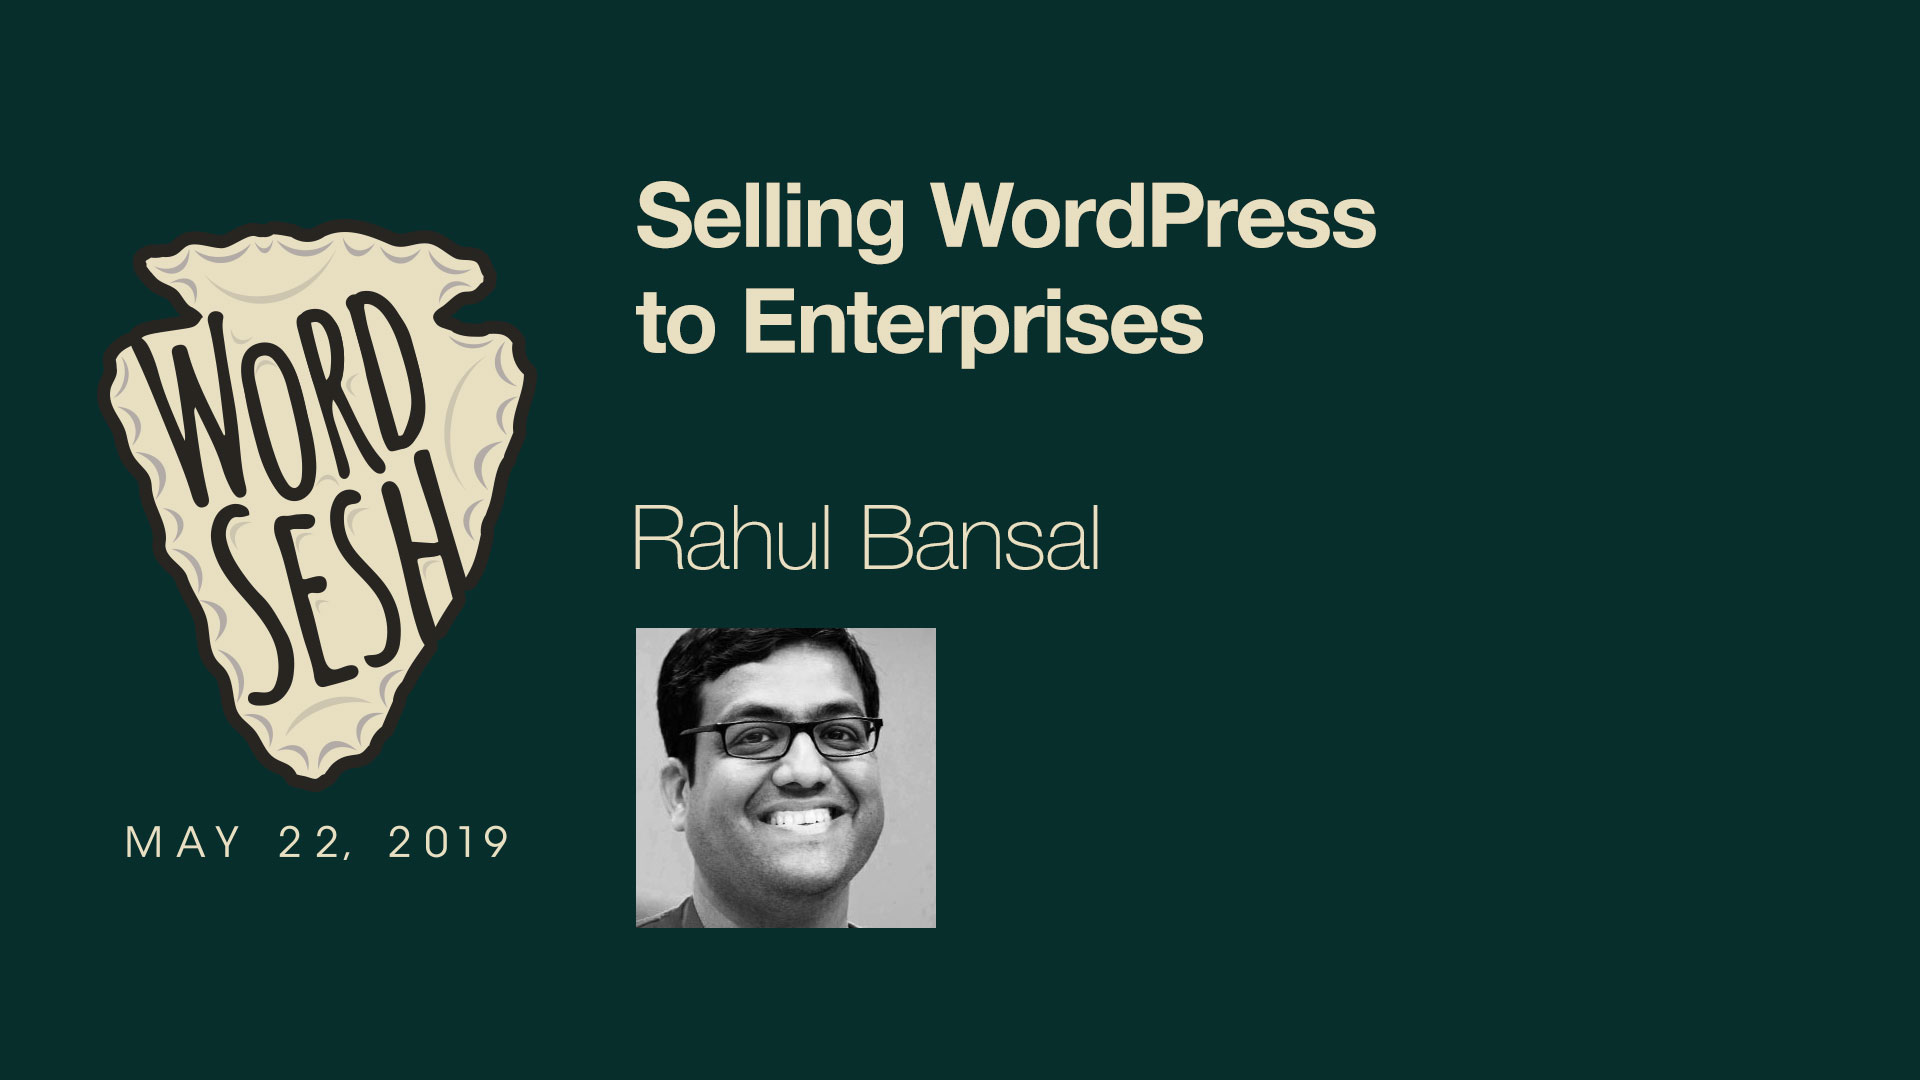 02-WordSesh-Selling-WordPress-to-Enterprise-Rahul-Bansal